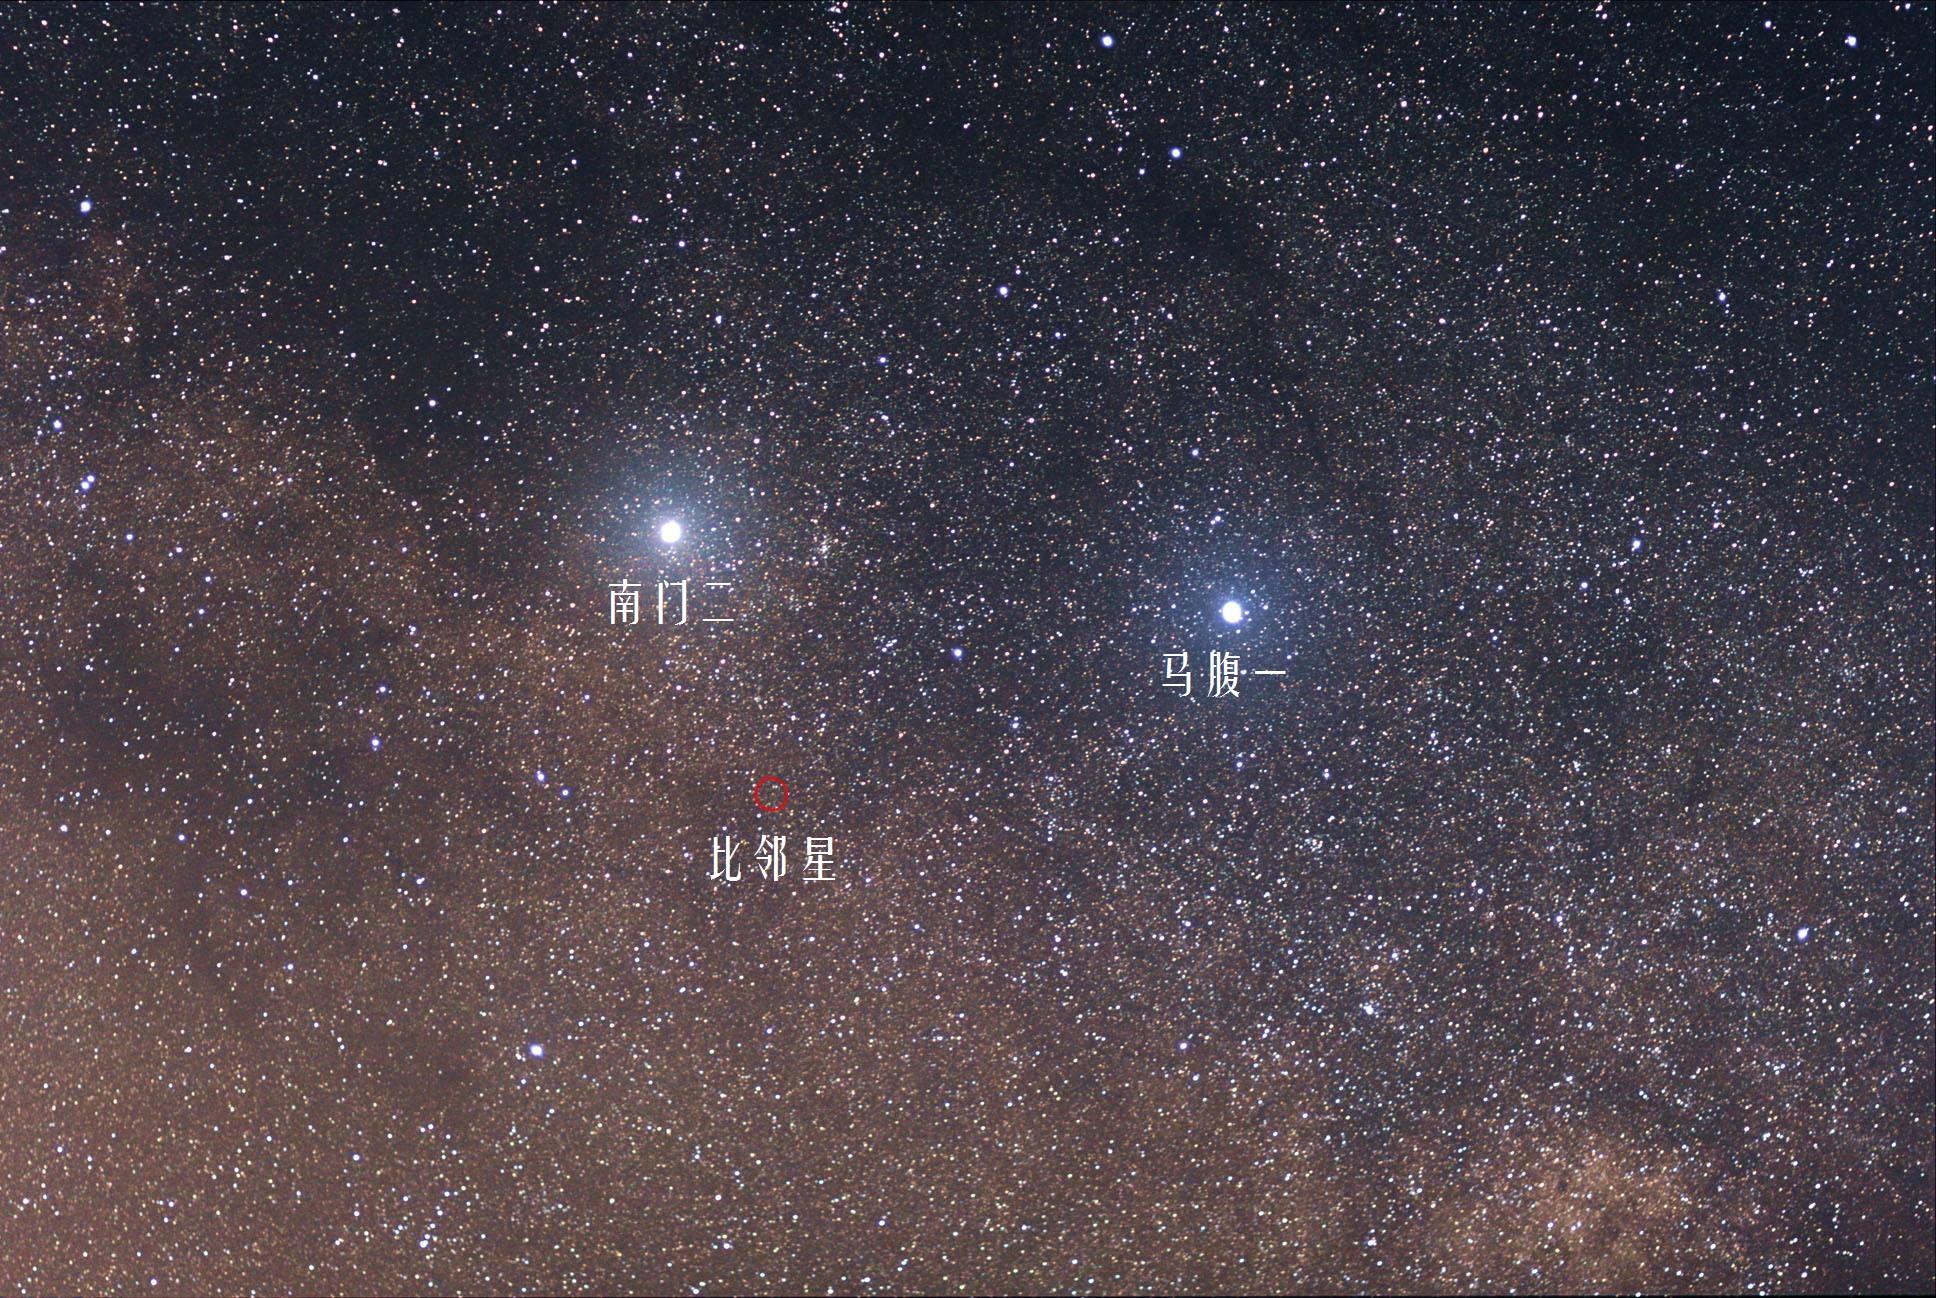 """比邻星:位于""""南门二""""三合星中的第三颗星,是距离太阳最近恒星"""